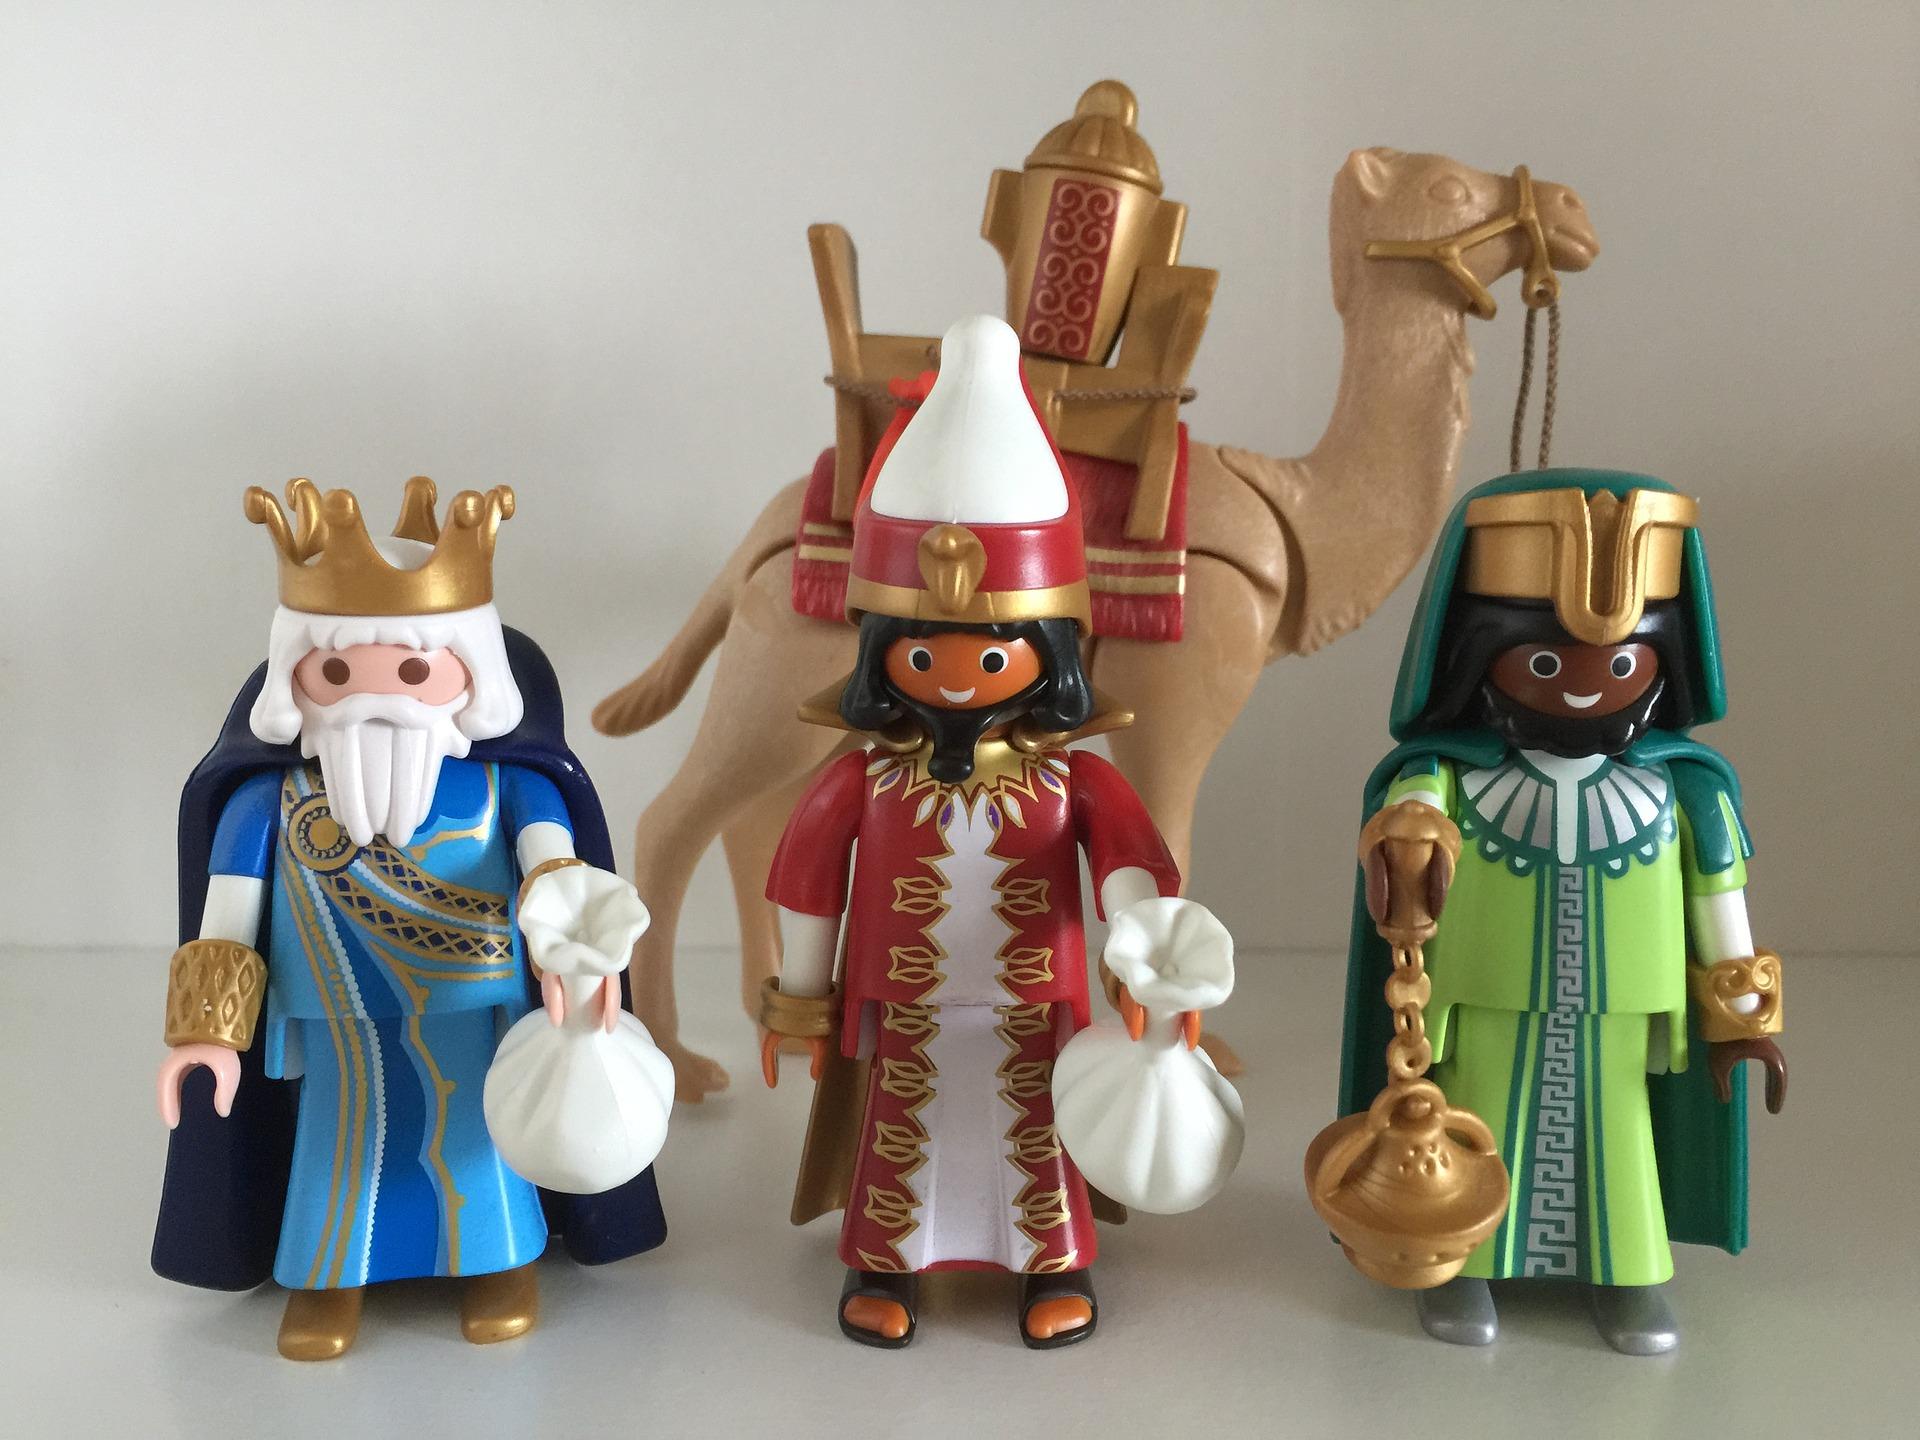 Carta a los Reyes Magos: juguetes navidad 2018